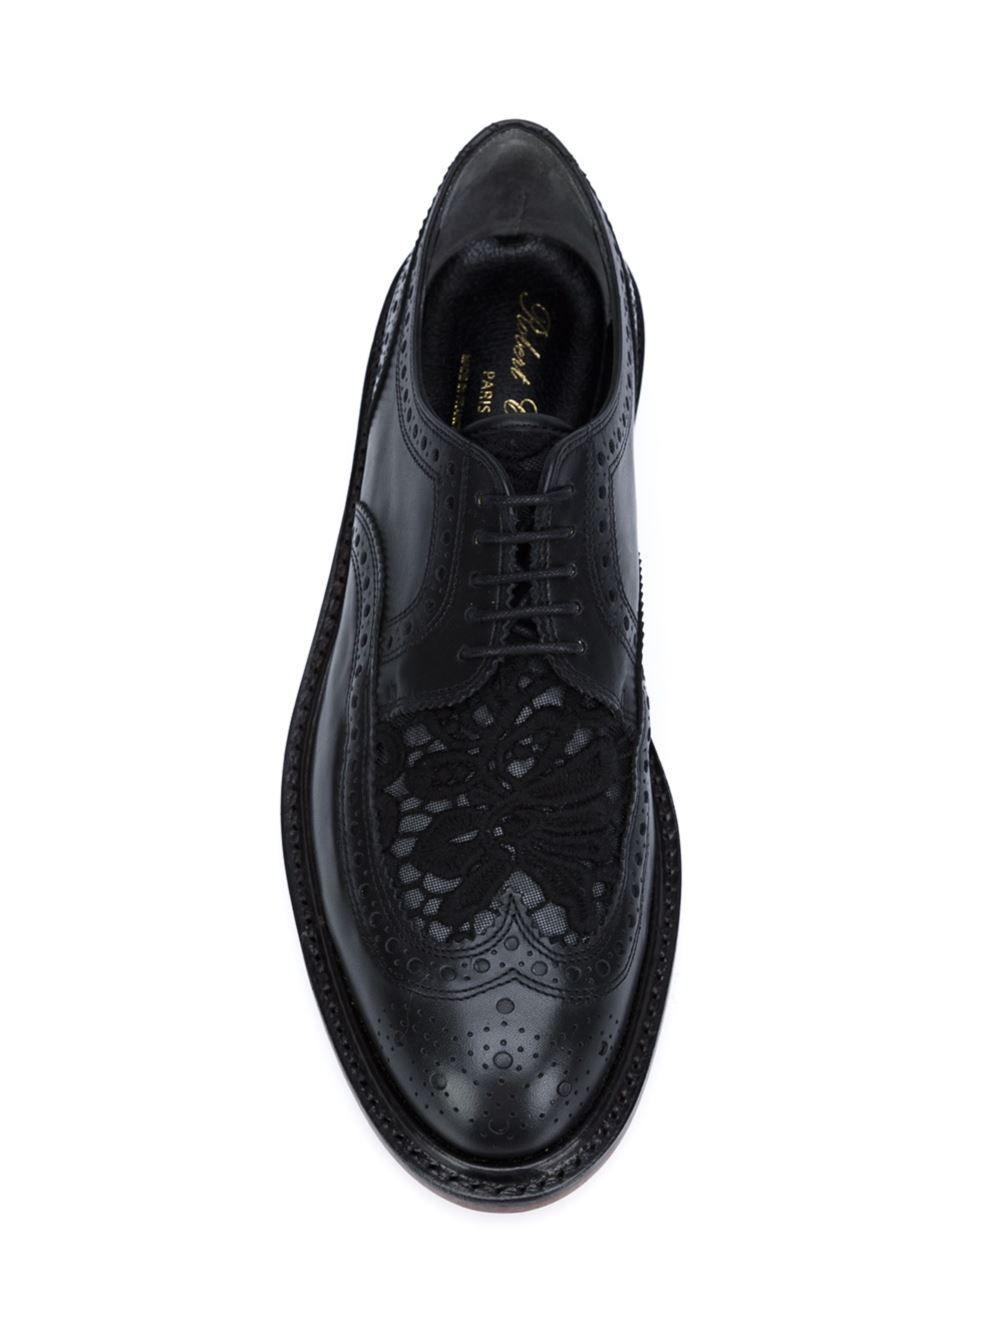 ca510187de1 Robert Clergerie lace detail brogues   Men's shoes   Brogues, Oxford ...